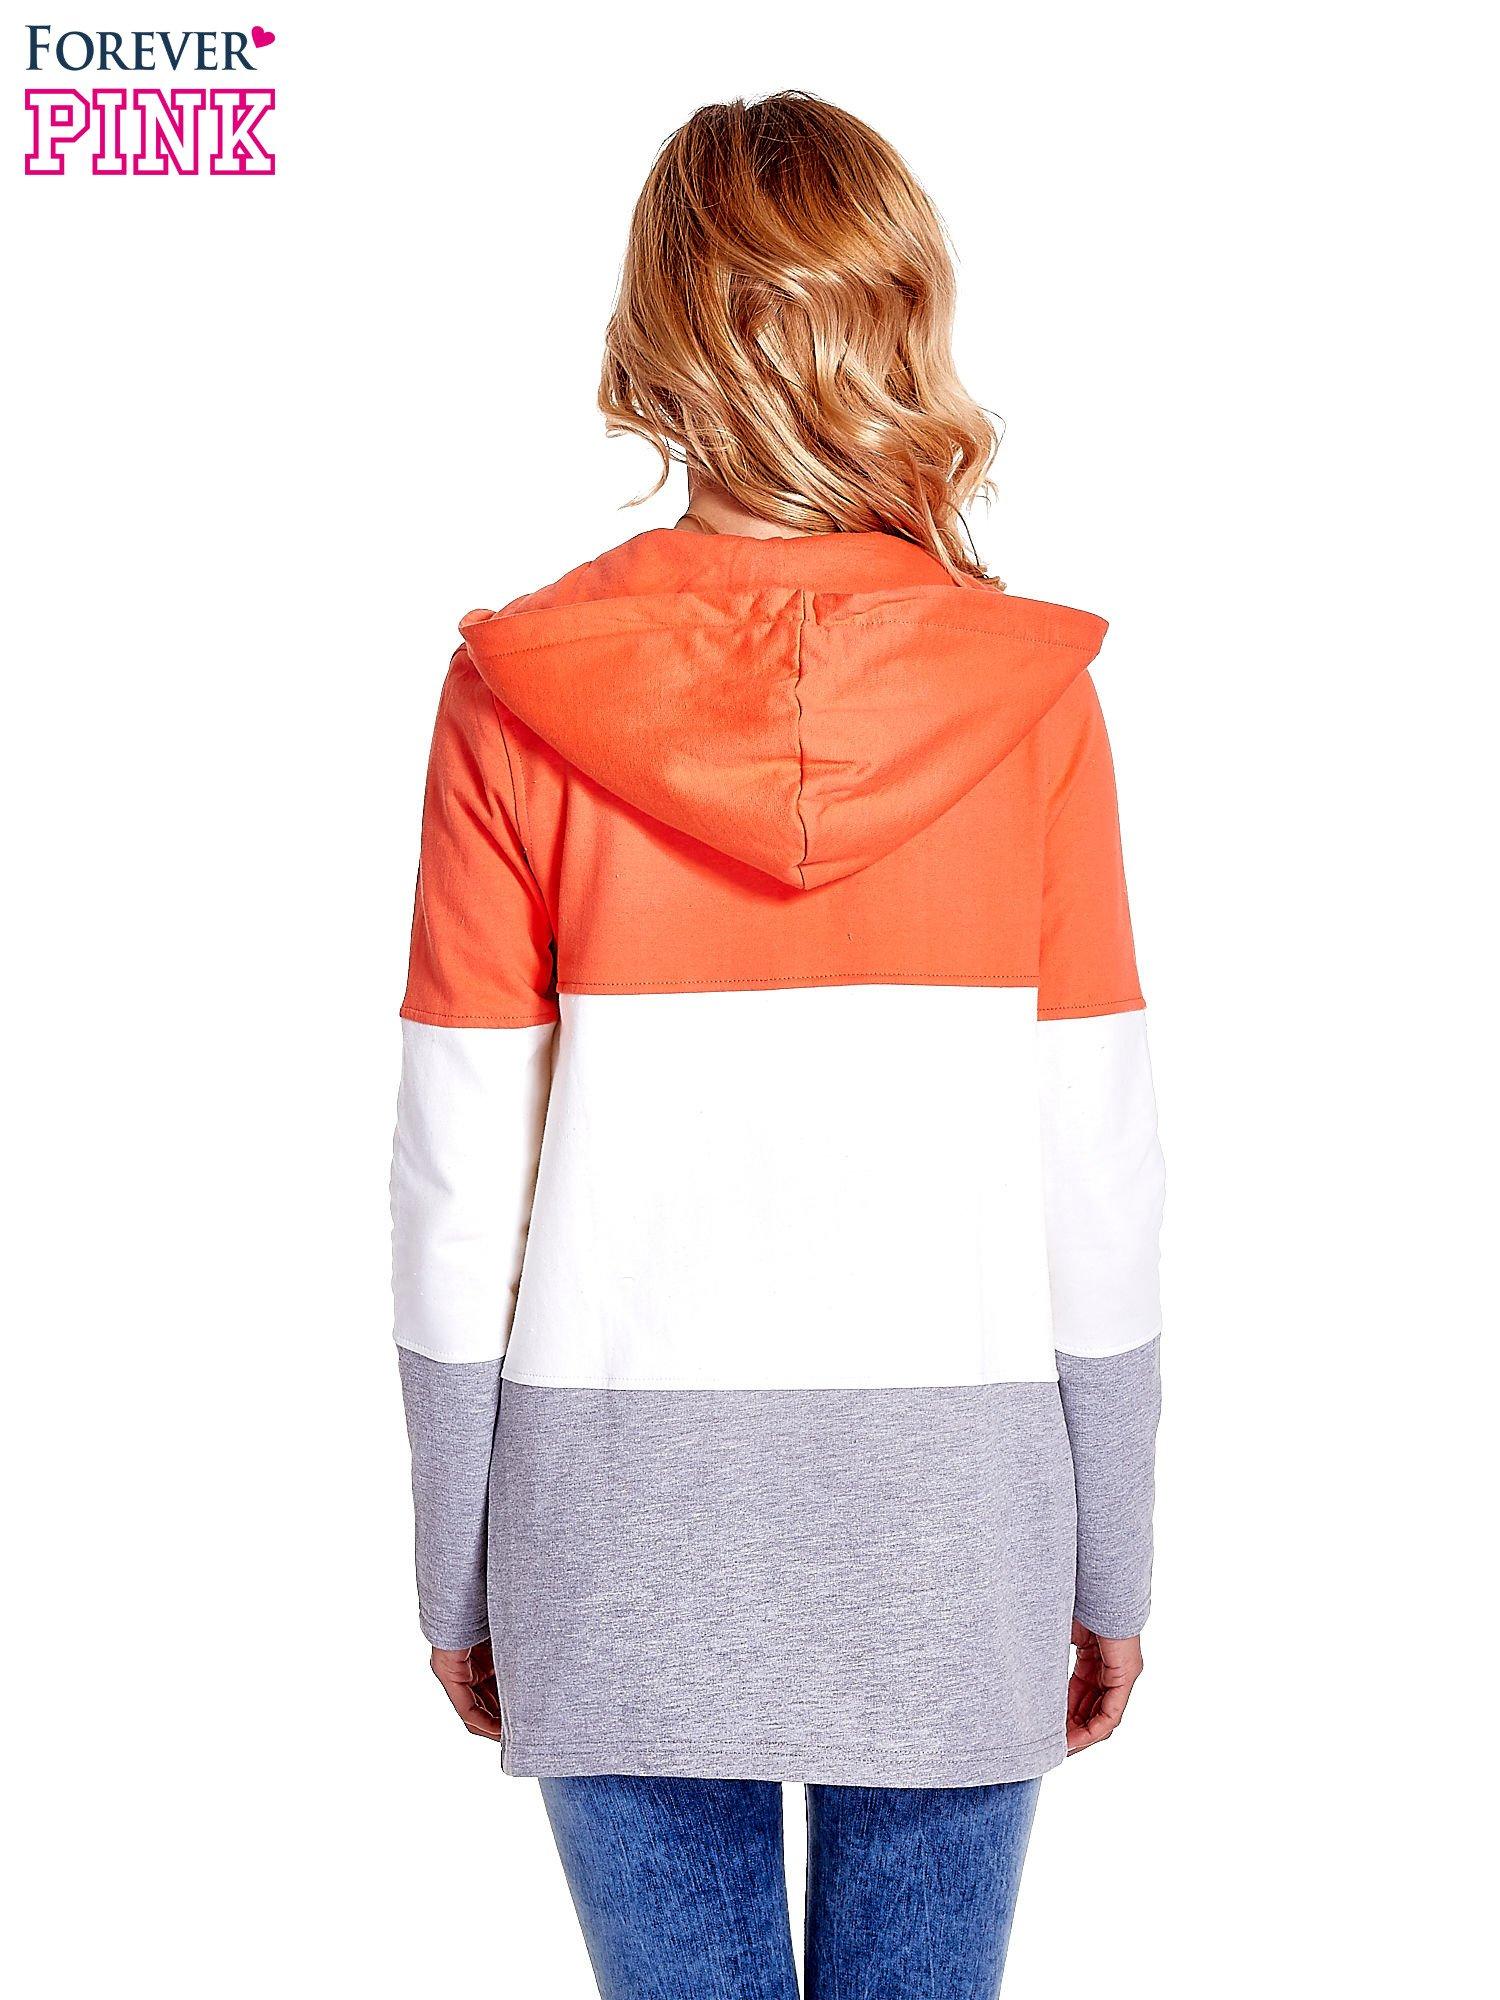 Koralowa bluza w szerokie kolorowe pasy                                  zdj.                                  4